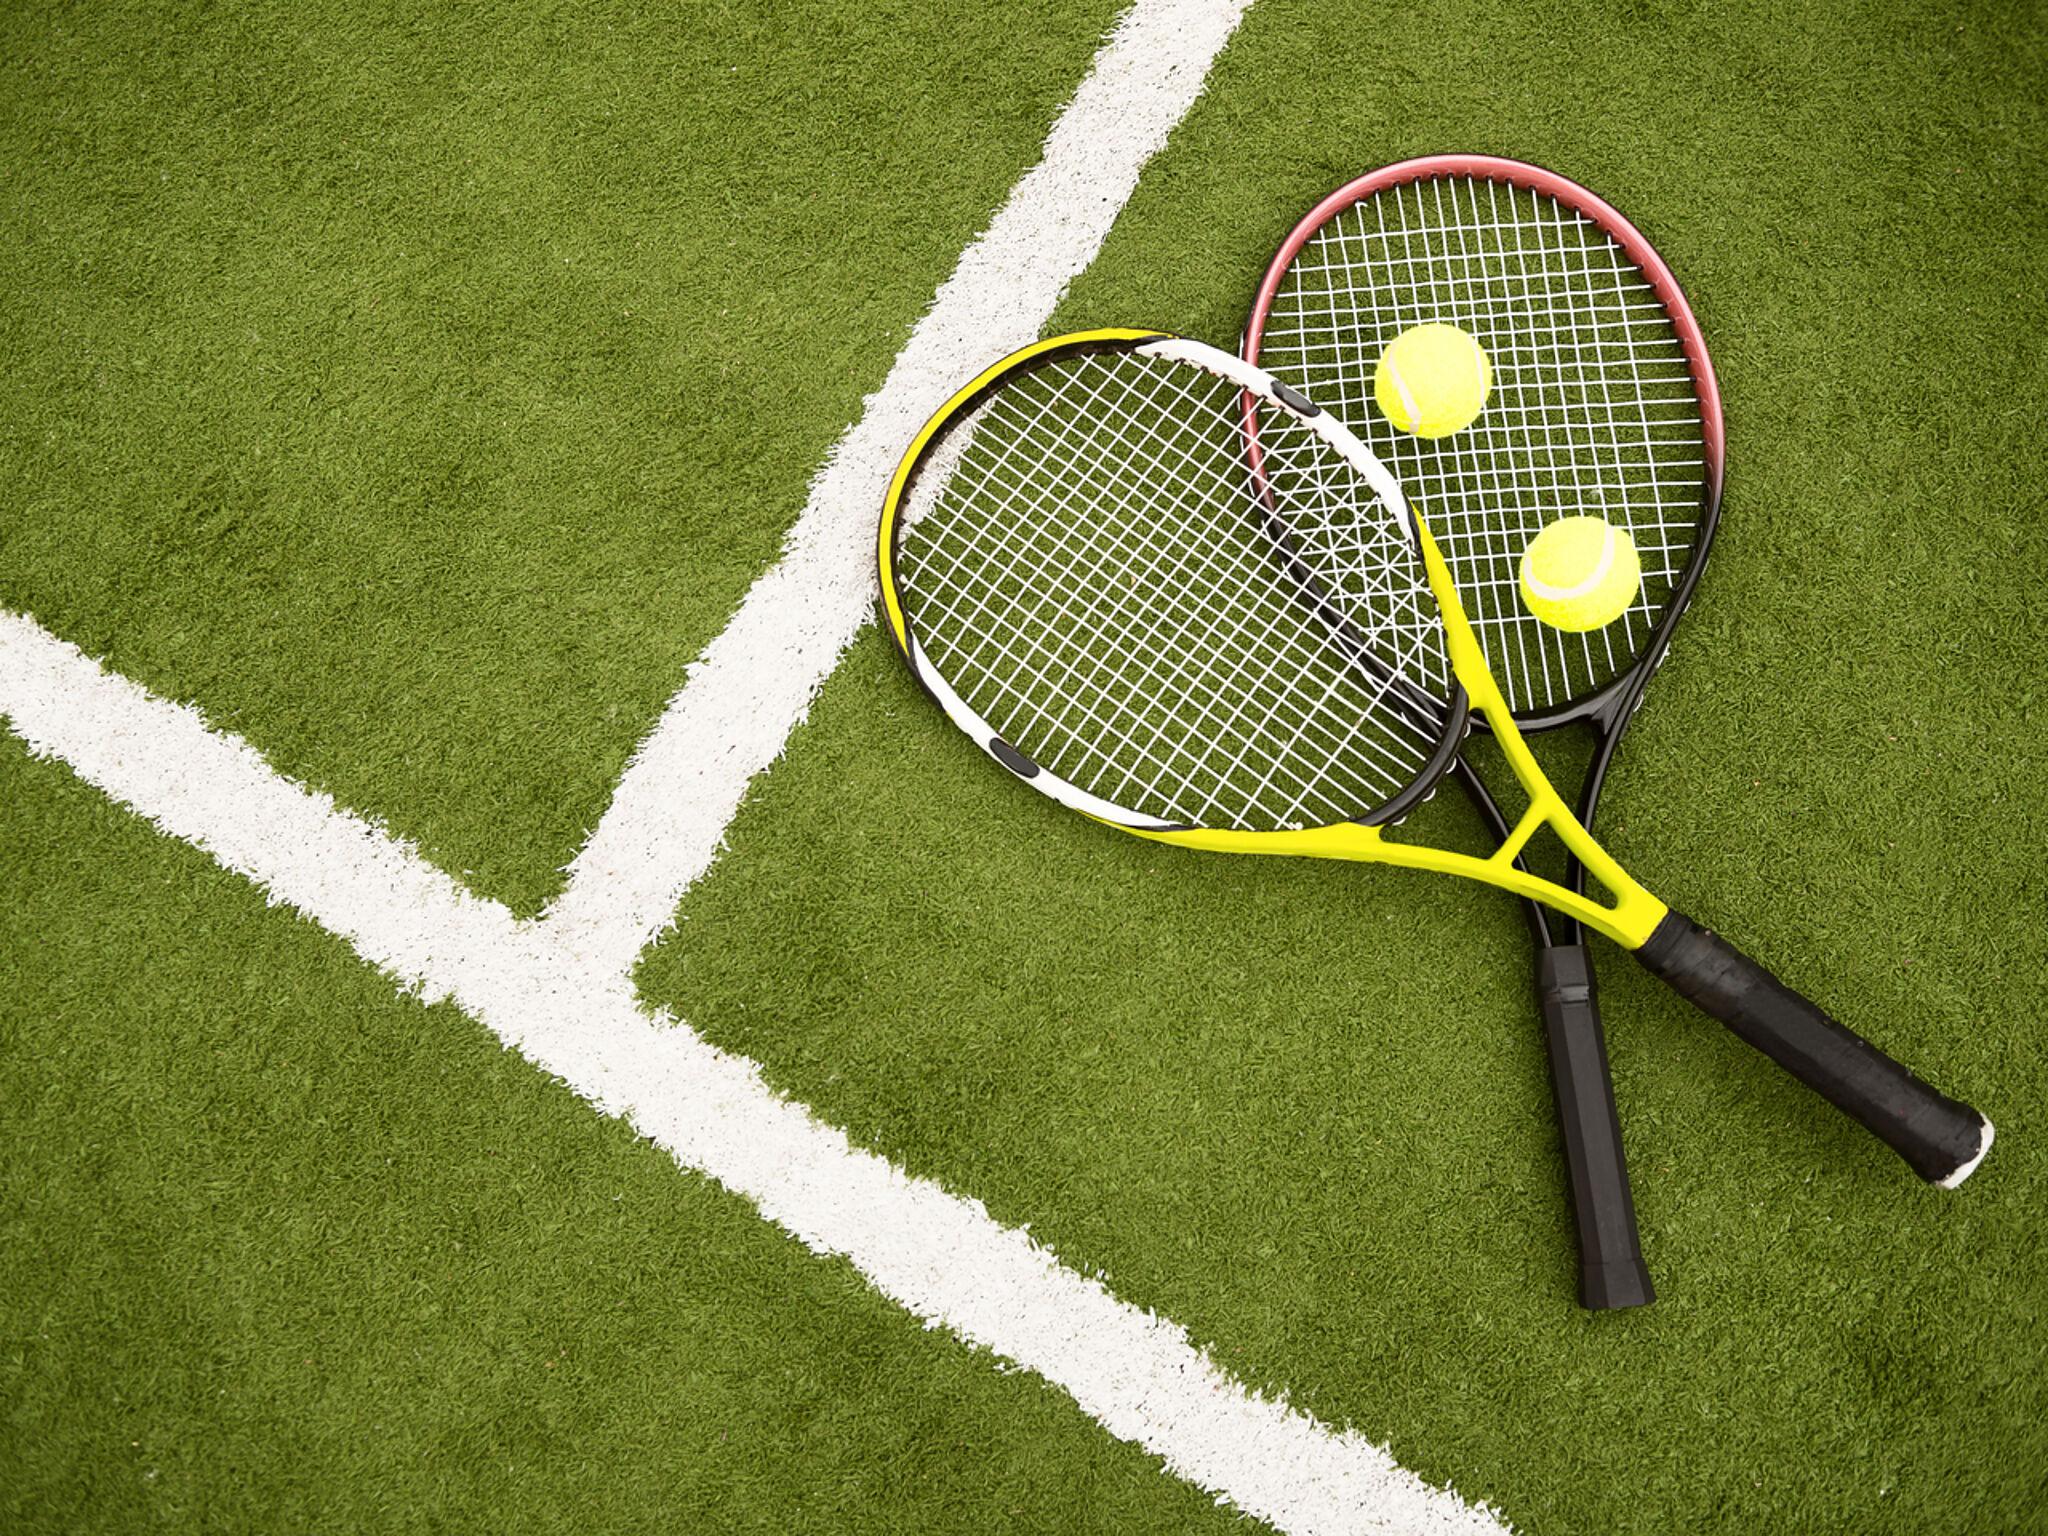 緑の芝生にラケットとボールが2つずつ置いてある画像